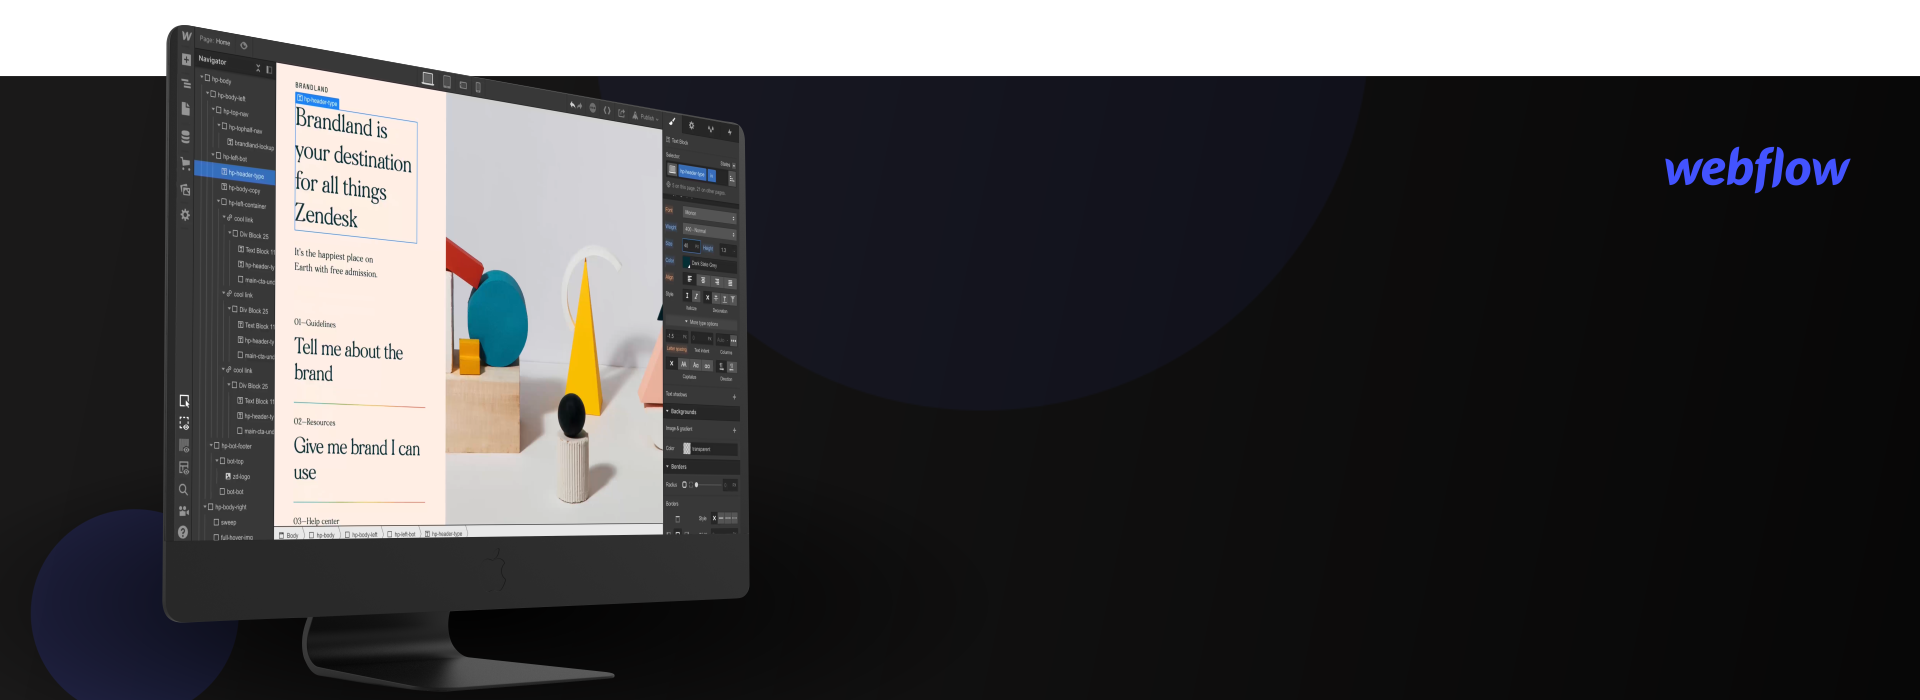 design-webflow